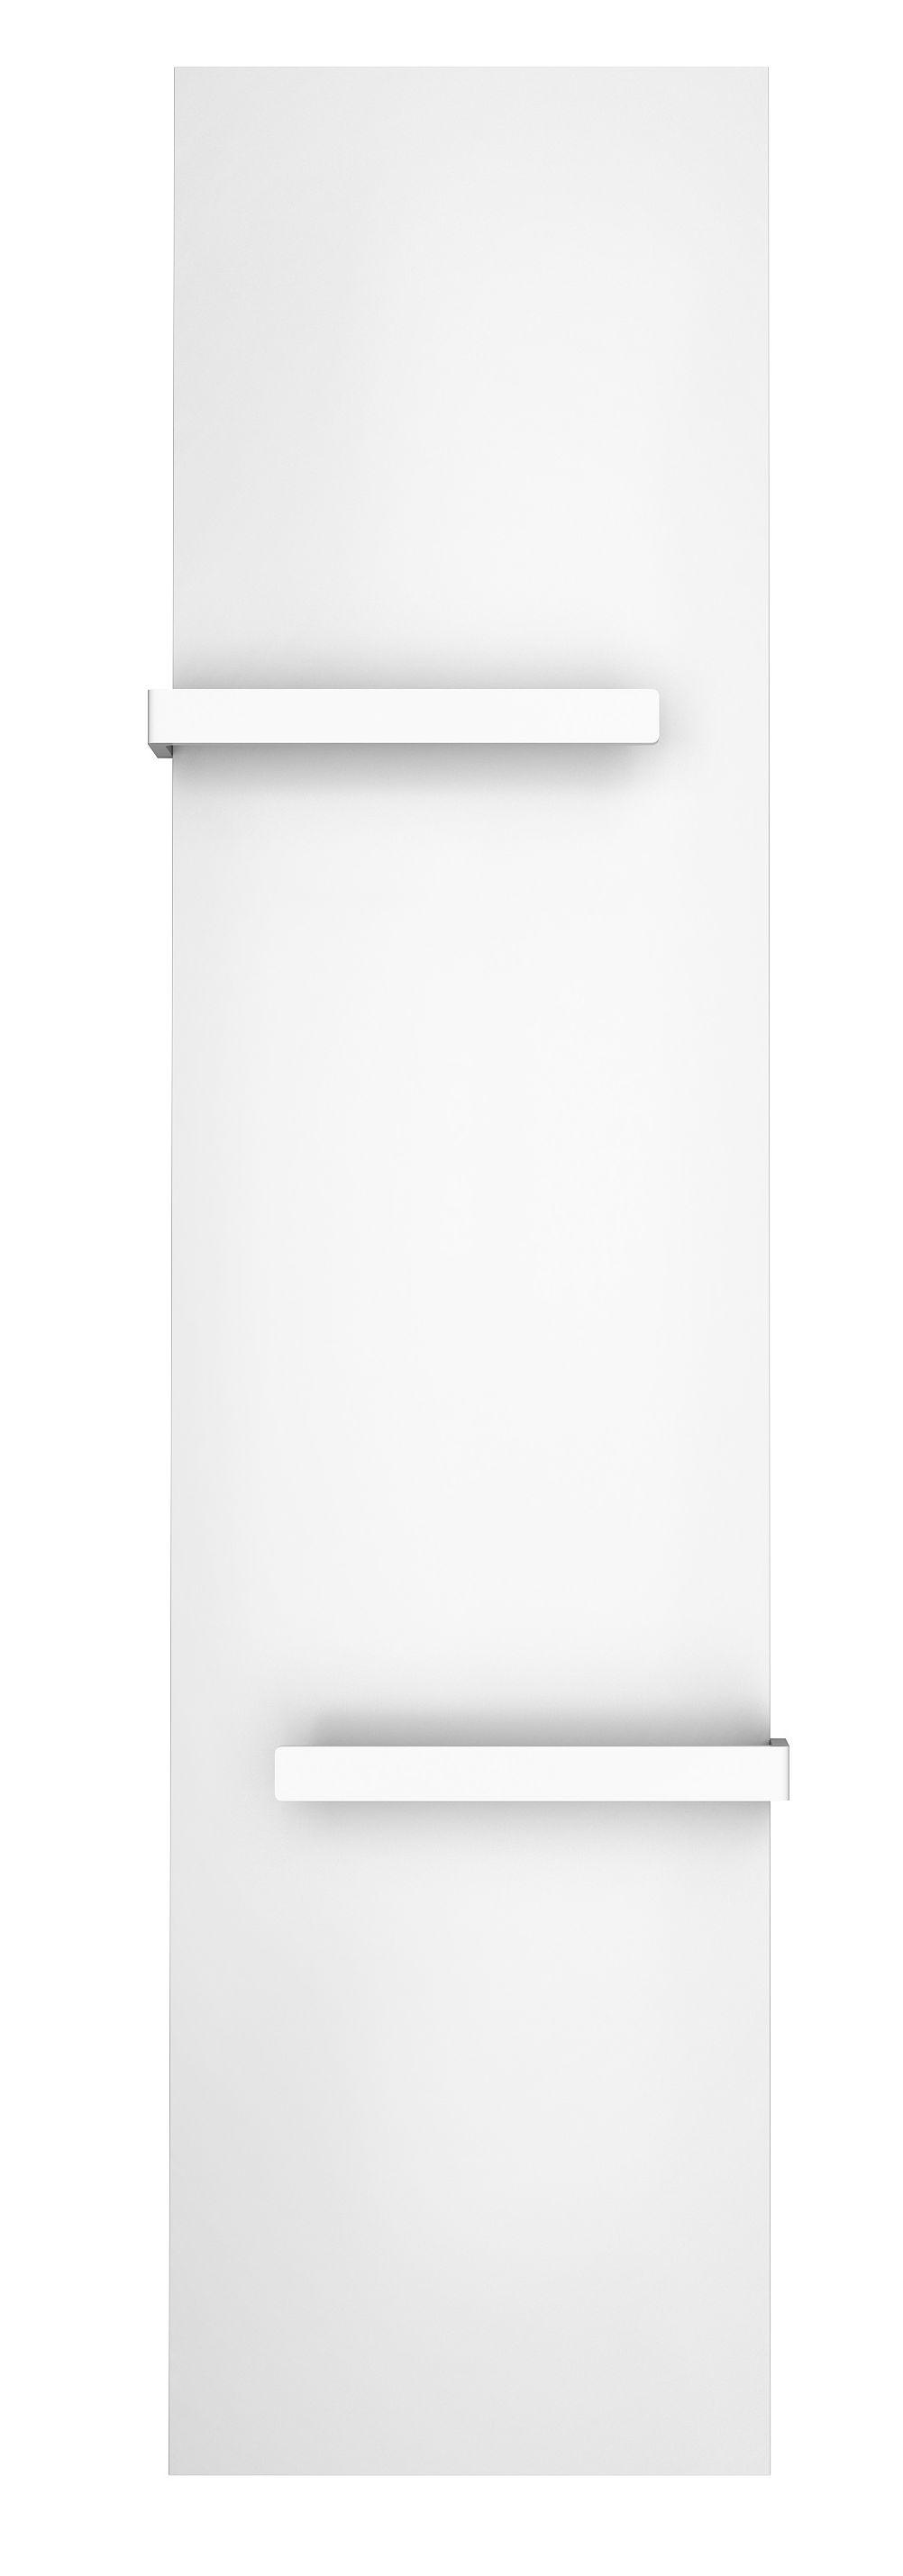 Badheizkörper ALWAR in 180 x 45 cm (Mittelanschluss, weiß)